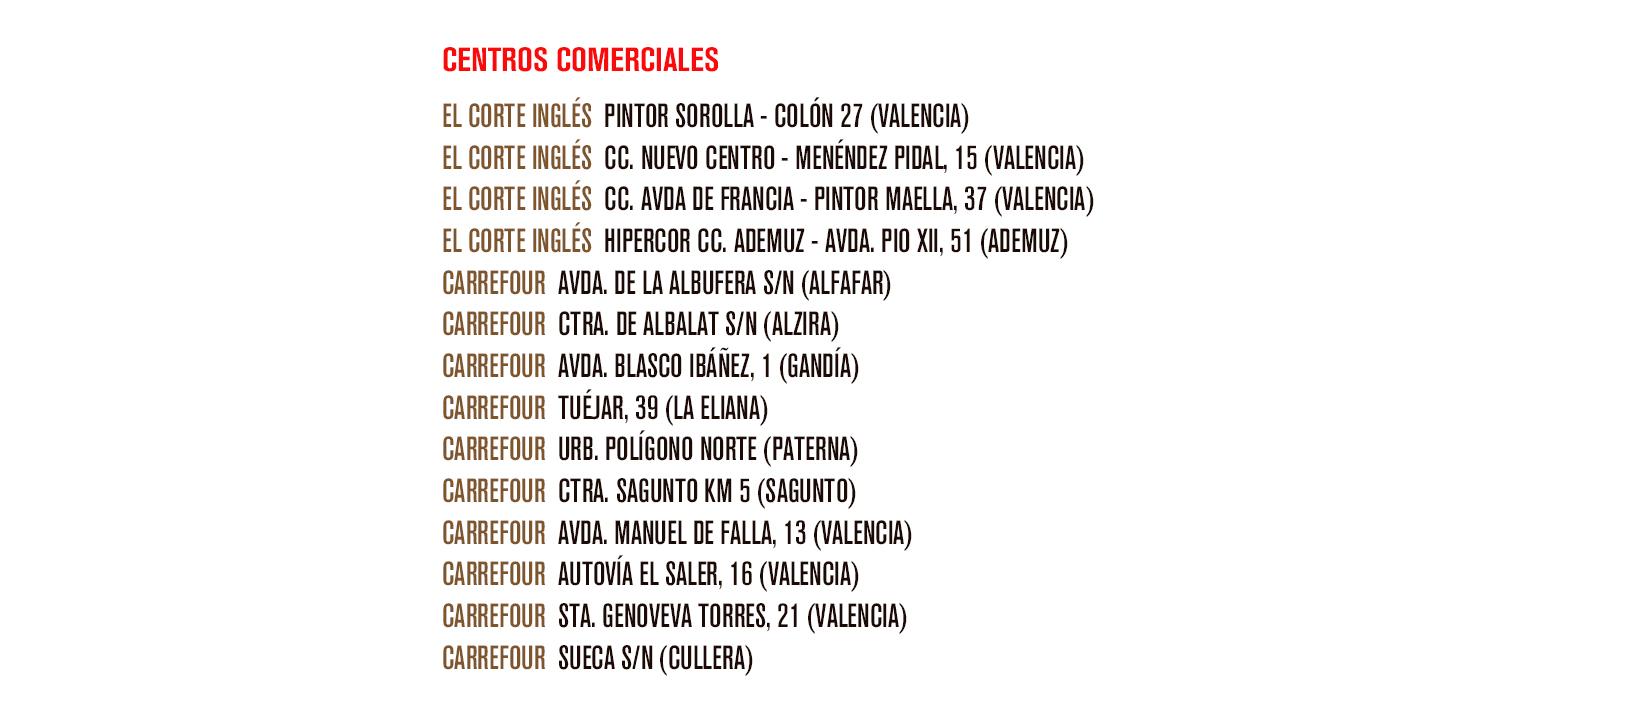 Centros Comerciales adheridos a la campaña Llévate un Valencia y la compra gratis